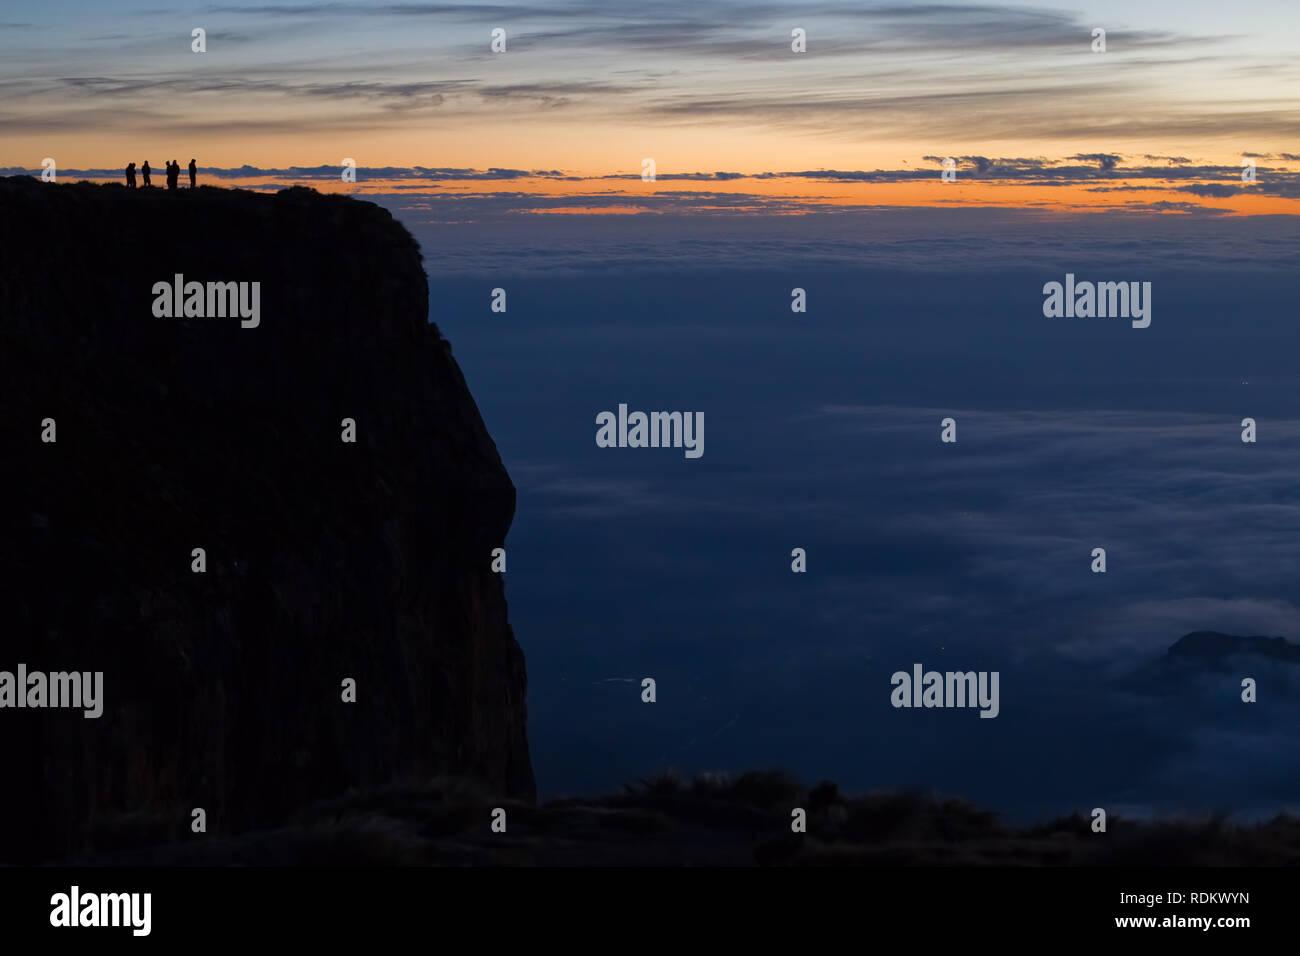 Los excursionistas se reúnen para la puesta de sol sobre el borde del anfiteatro en el Parque Nacional Royal Natal. Debajo de ellos, la montaña da paso a una caída de 1000 m. Foto de stock